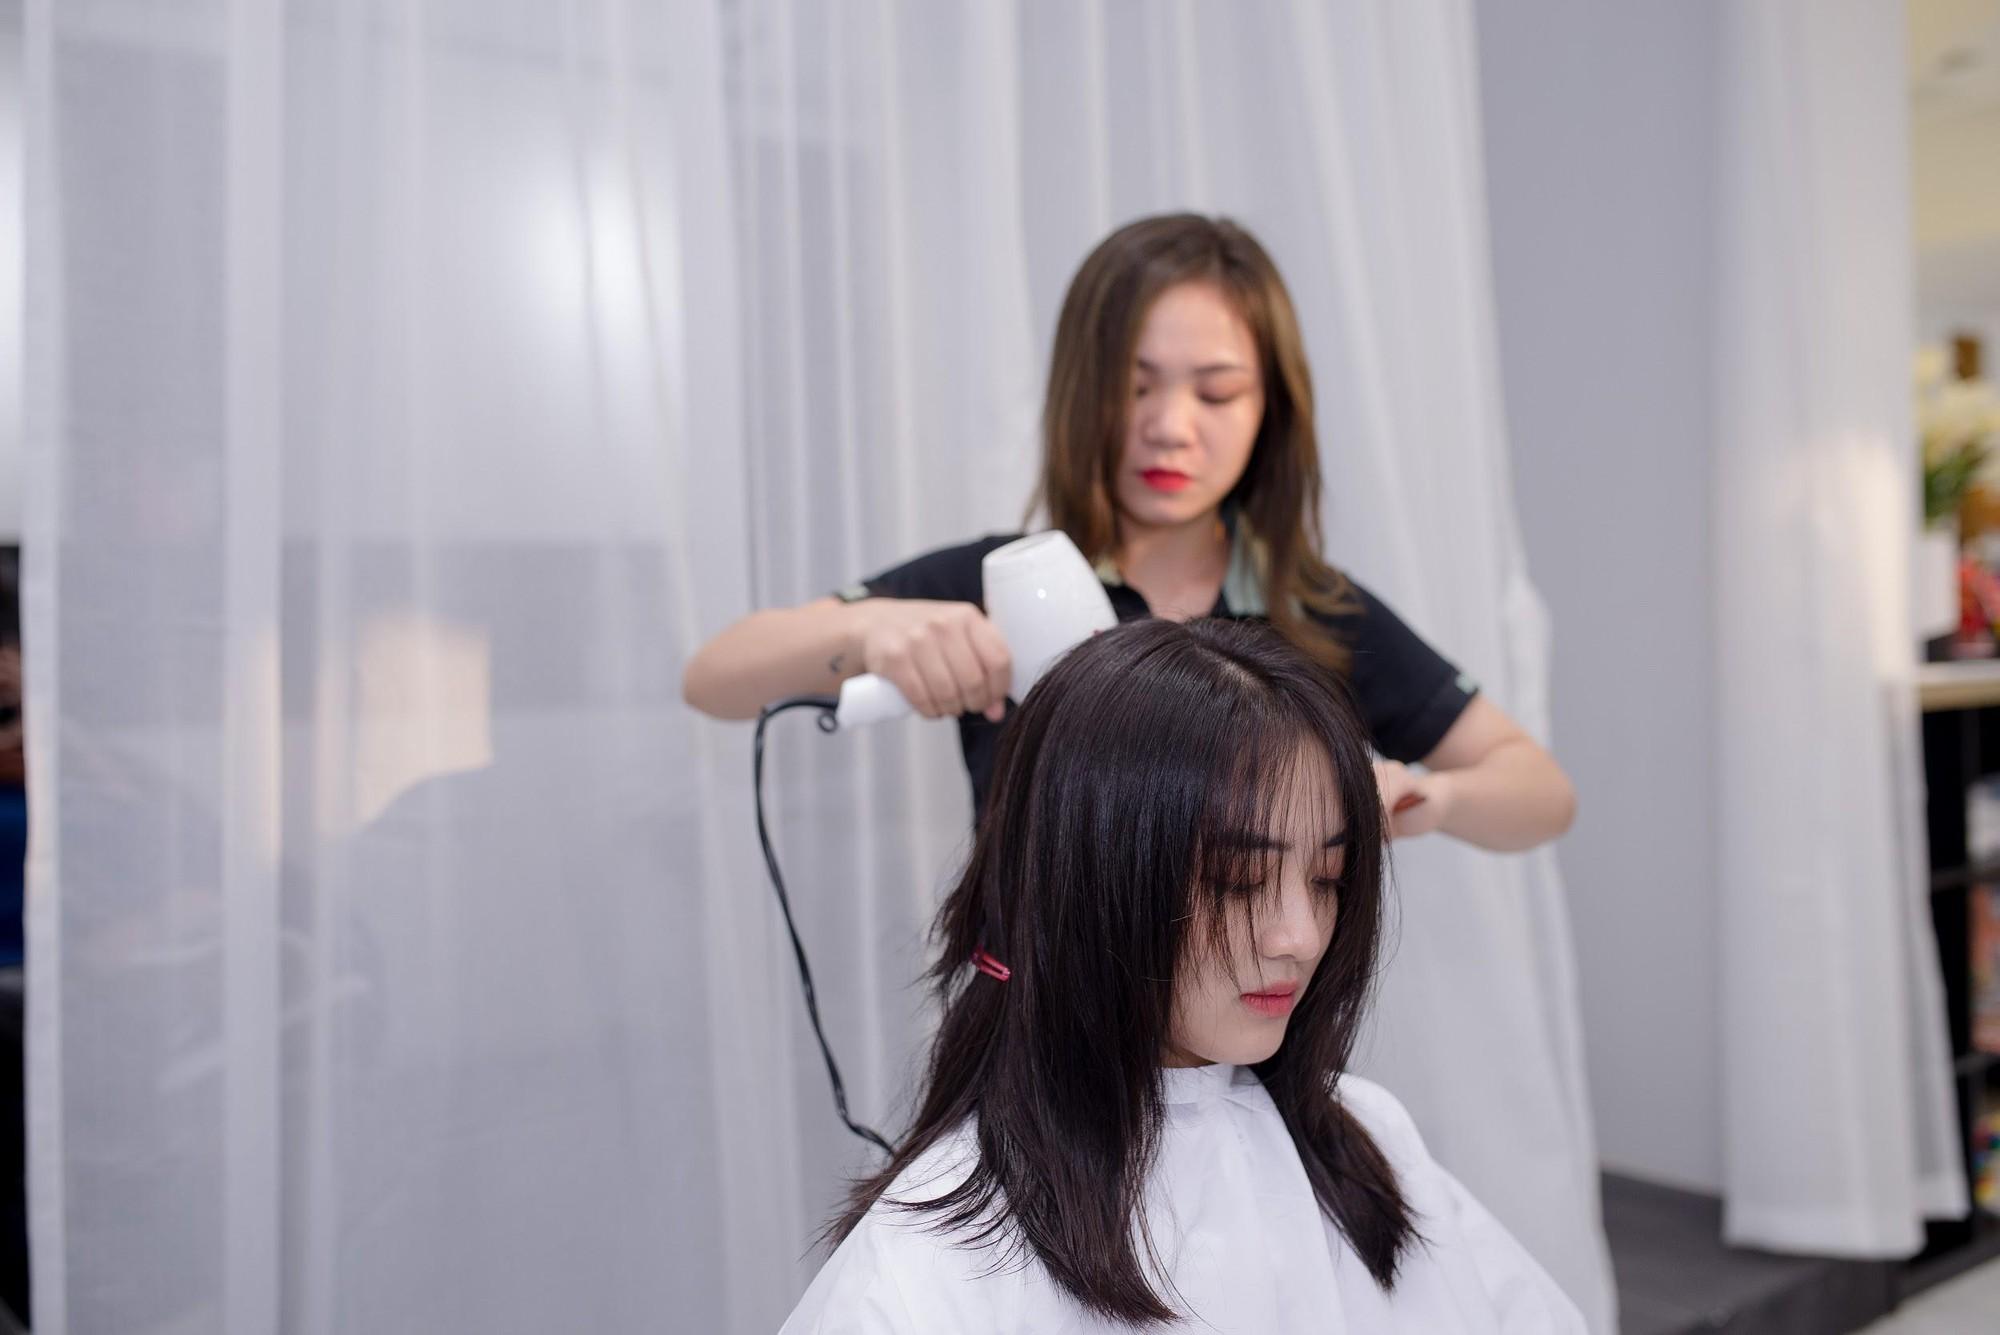 Zusso Hair Salon hút giới trẻ sành điệu Hà thành - Ảnh 6.